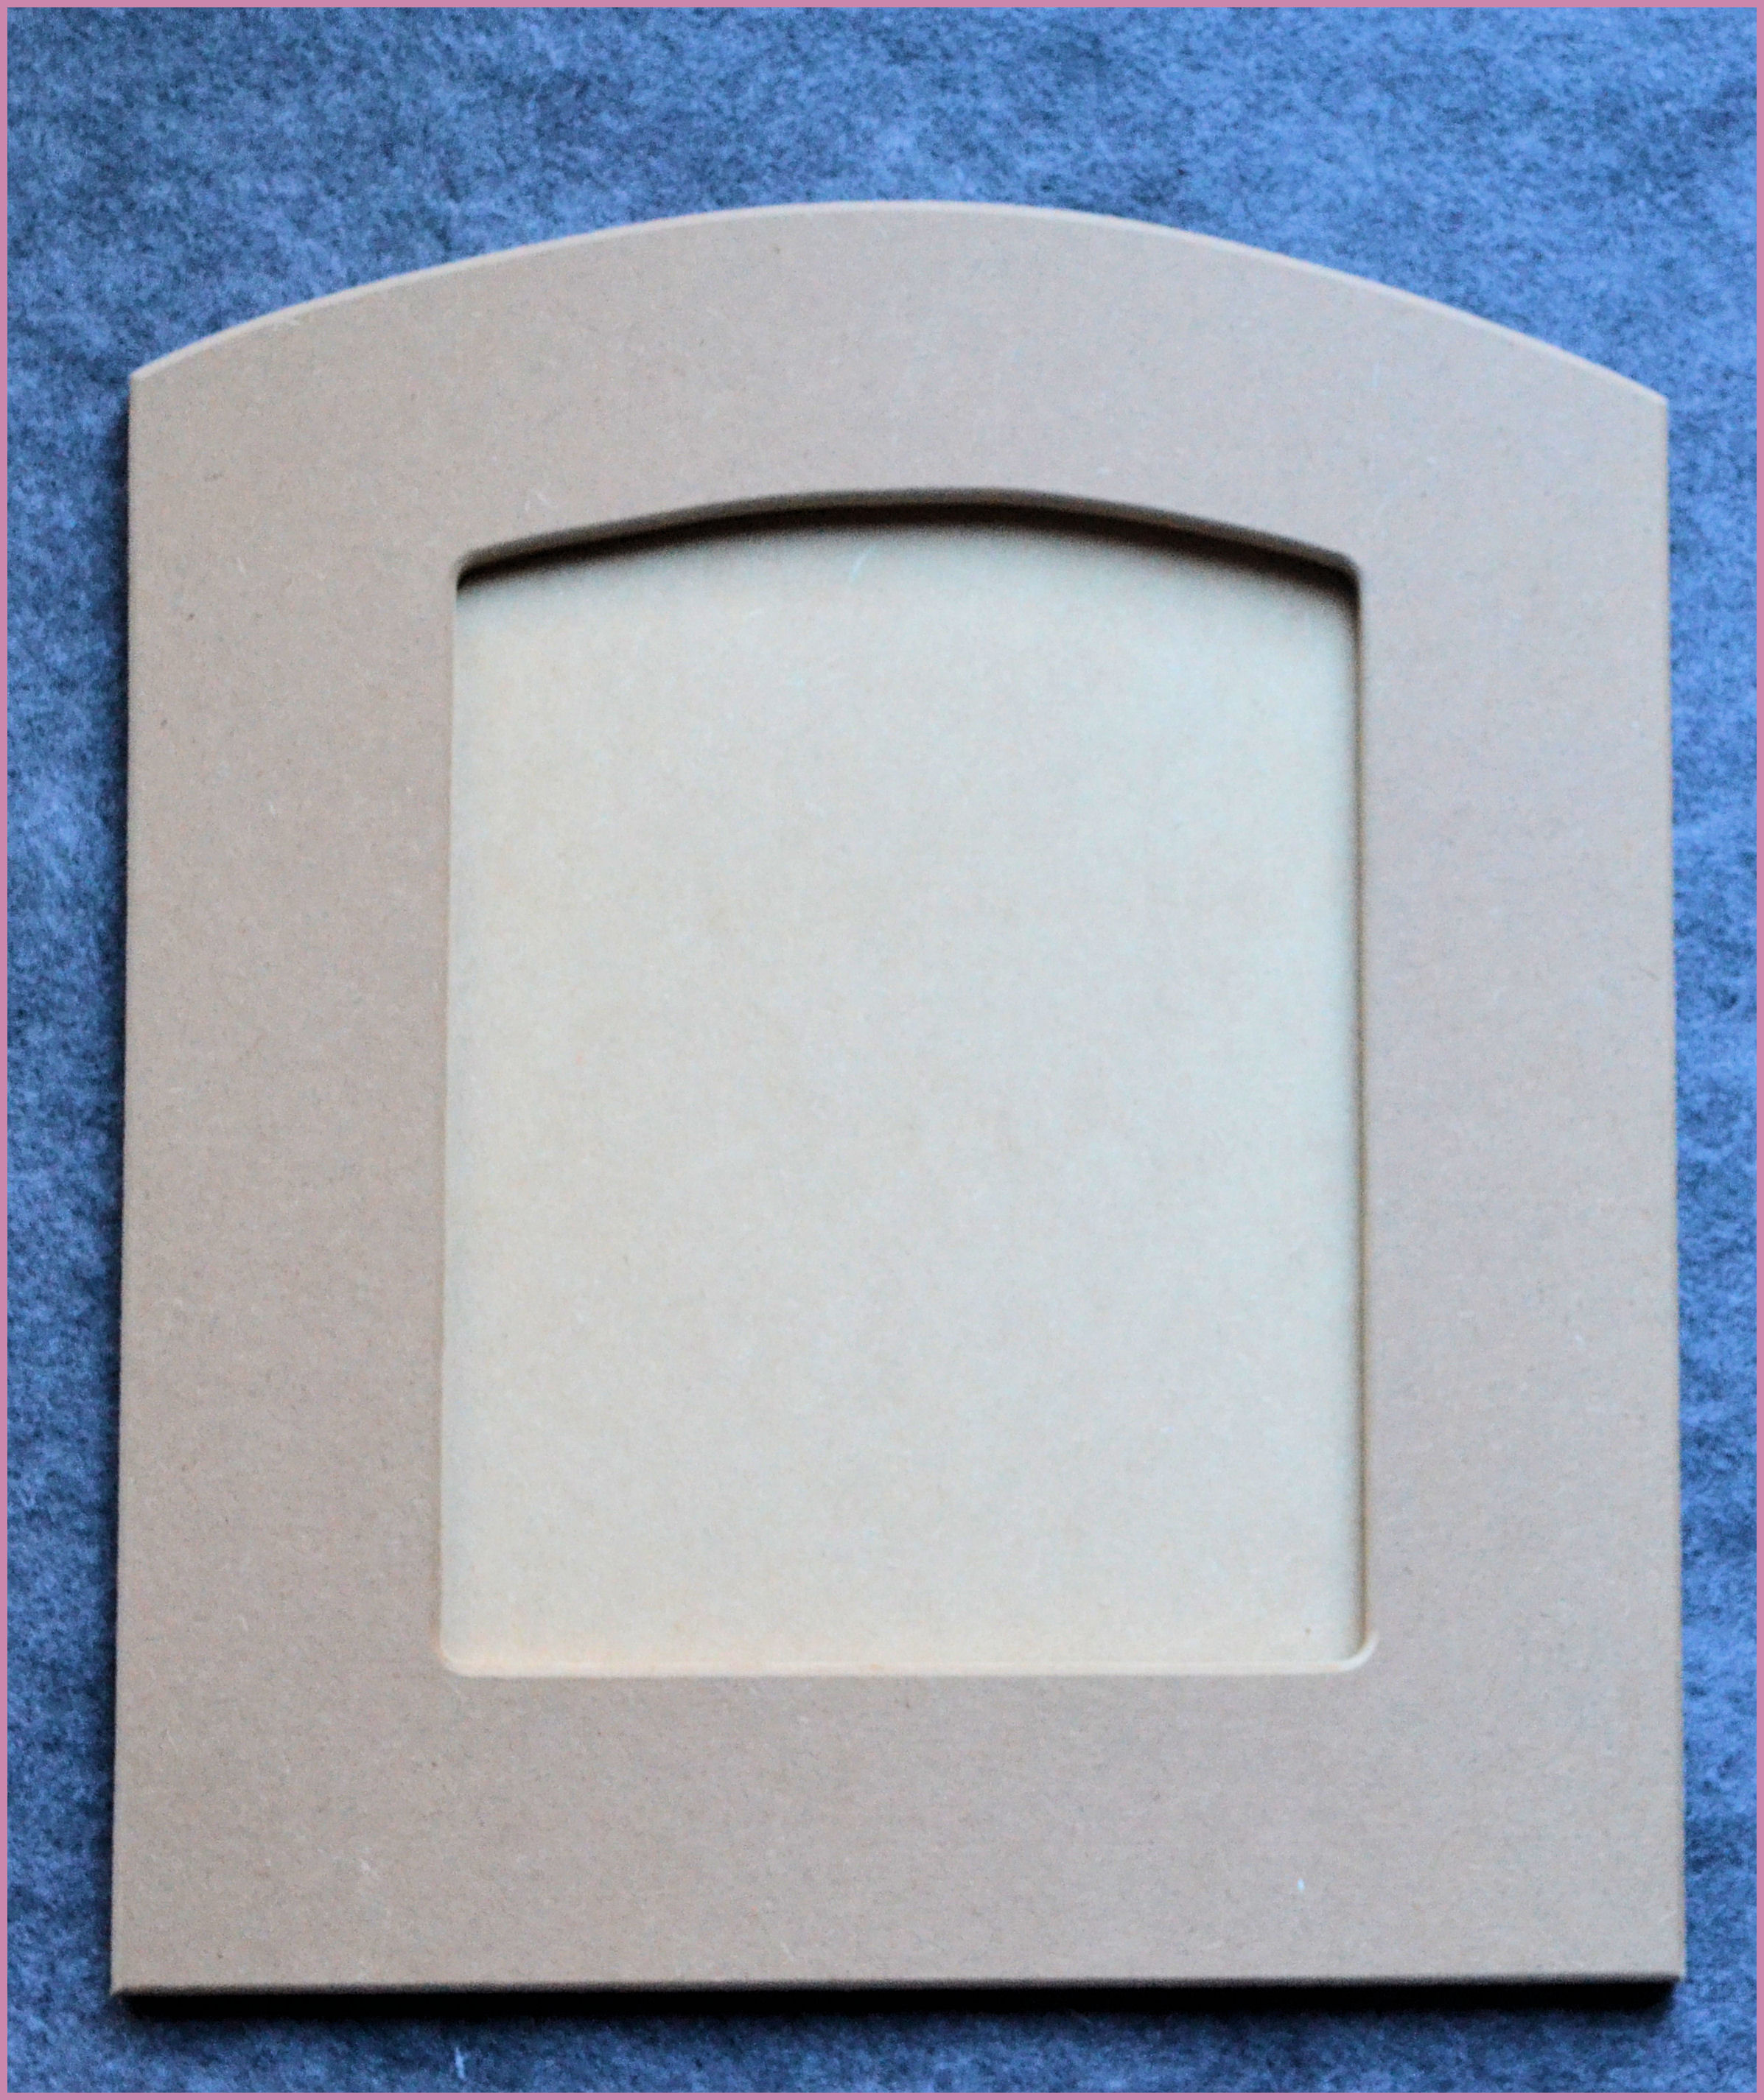 wood-chanticleer-frame-1923360036.jpg